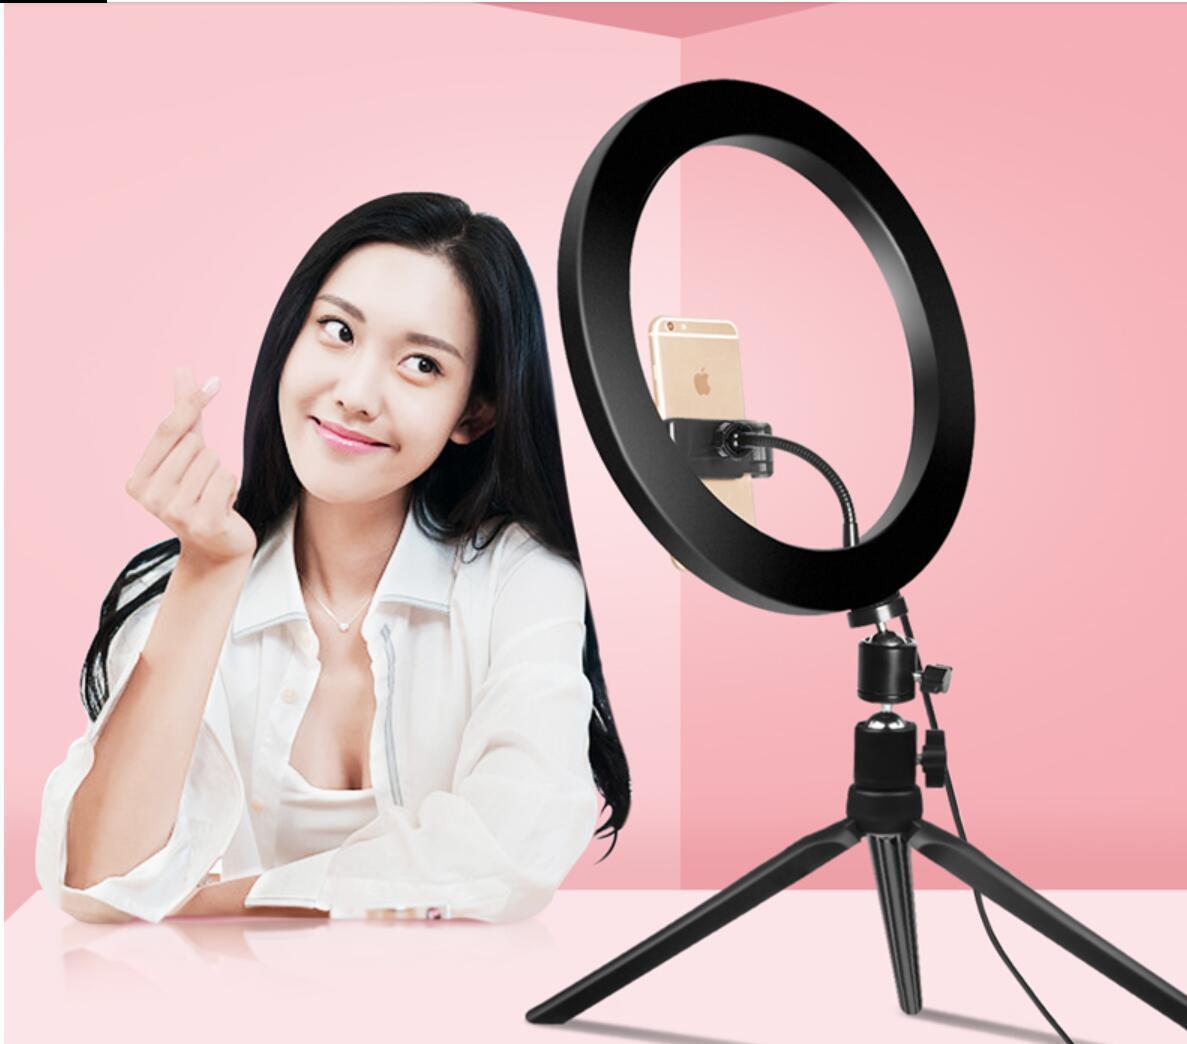 Light Ring 26 centimetri Telefono LED selfie anello della lampada della novità Novedades 2019 Video Fotografia Live Studio Fill chiaro Photo luce per smartphone